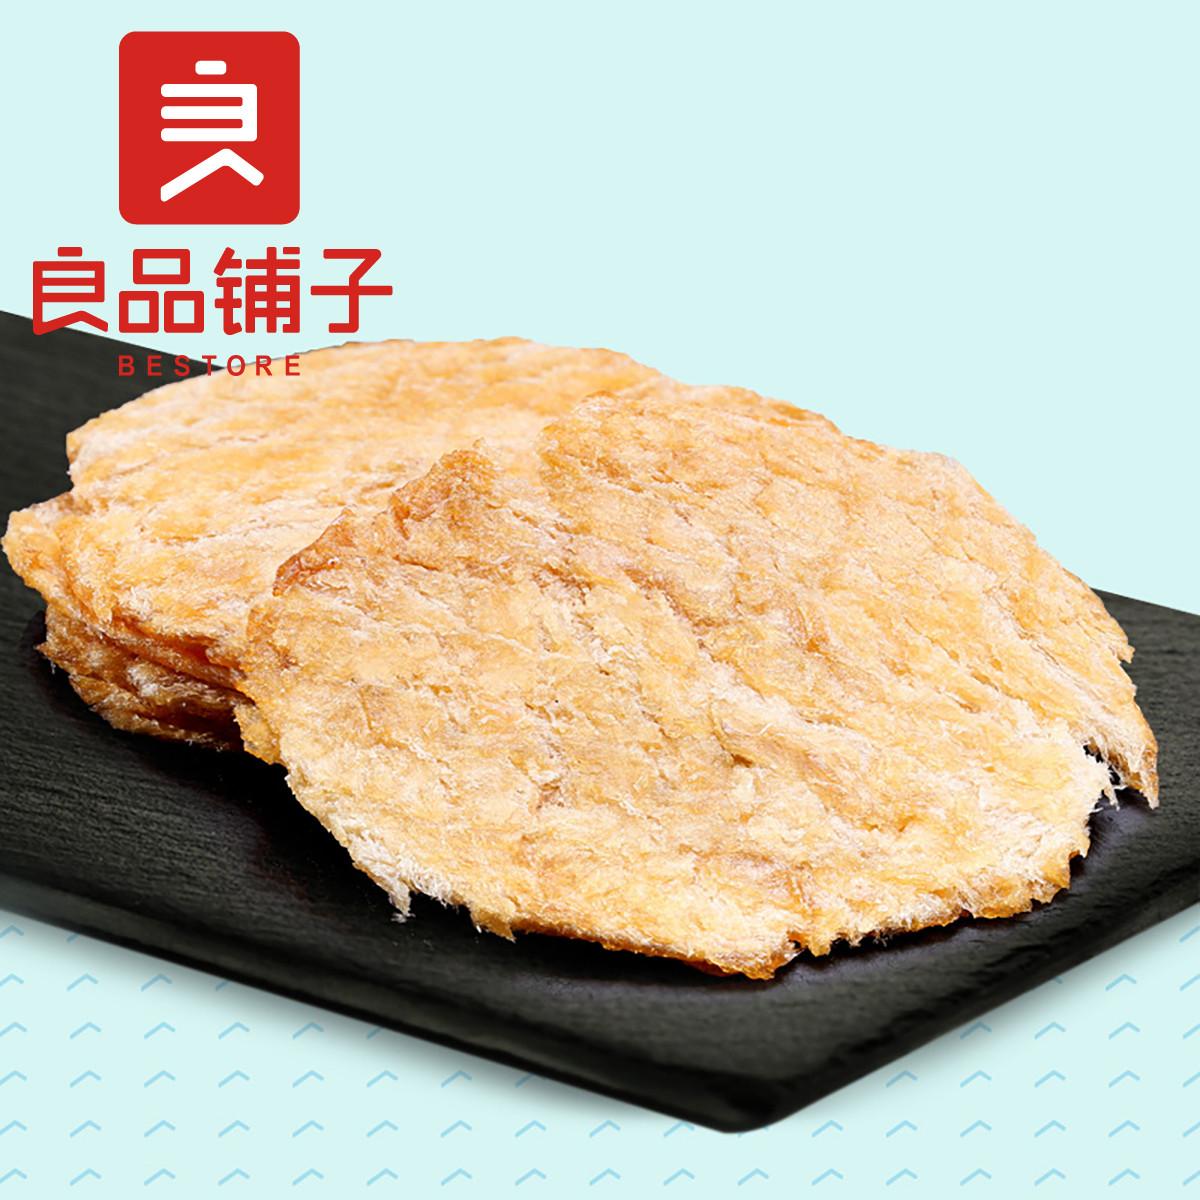 良品铺子蜜汁鳕鱼片 90gx1袋装 烤鱼干片即食海鲜休闲零食海味零食COLOR其它颜色